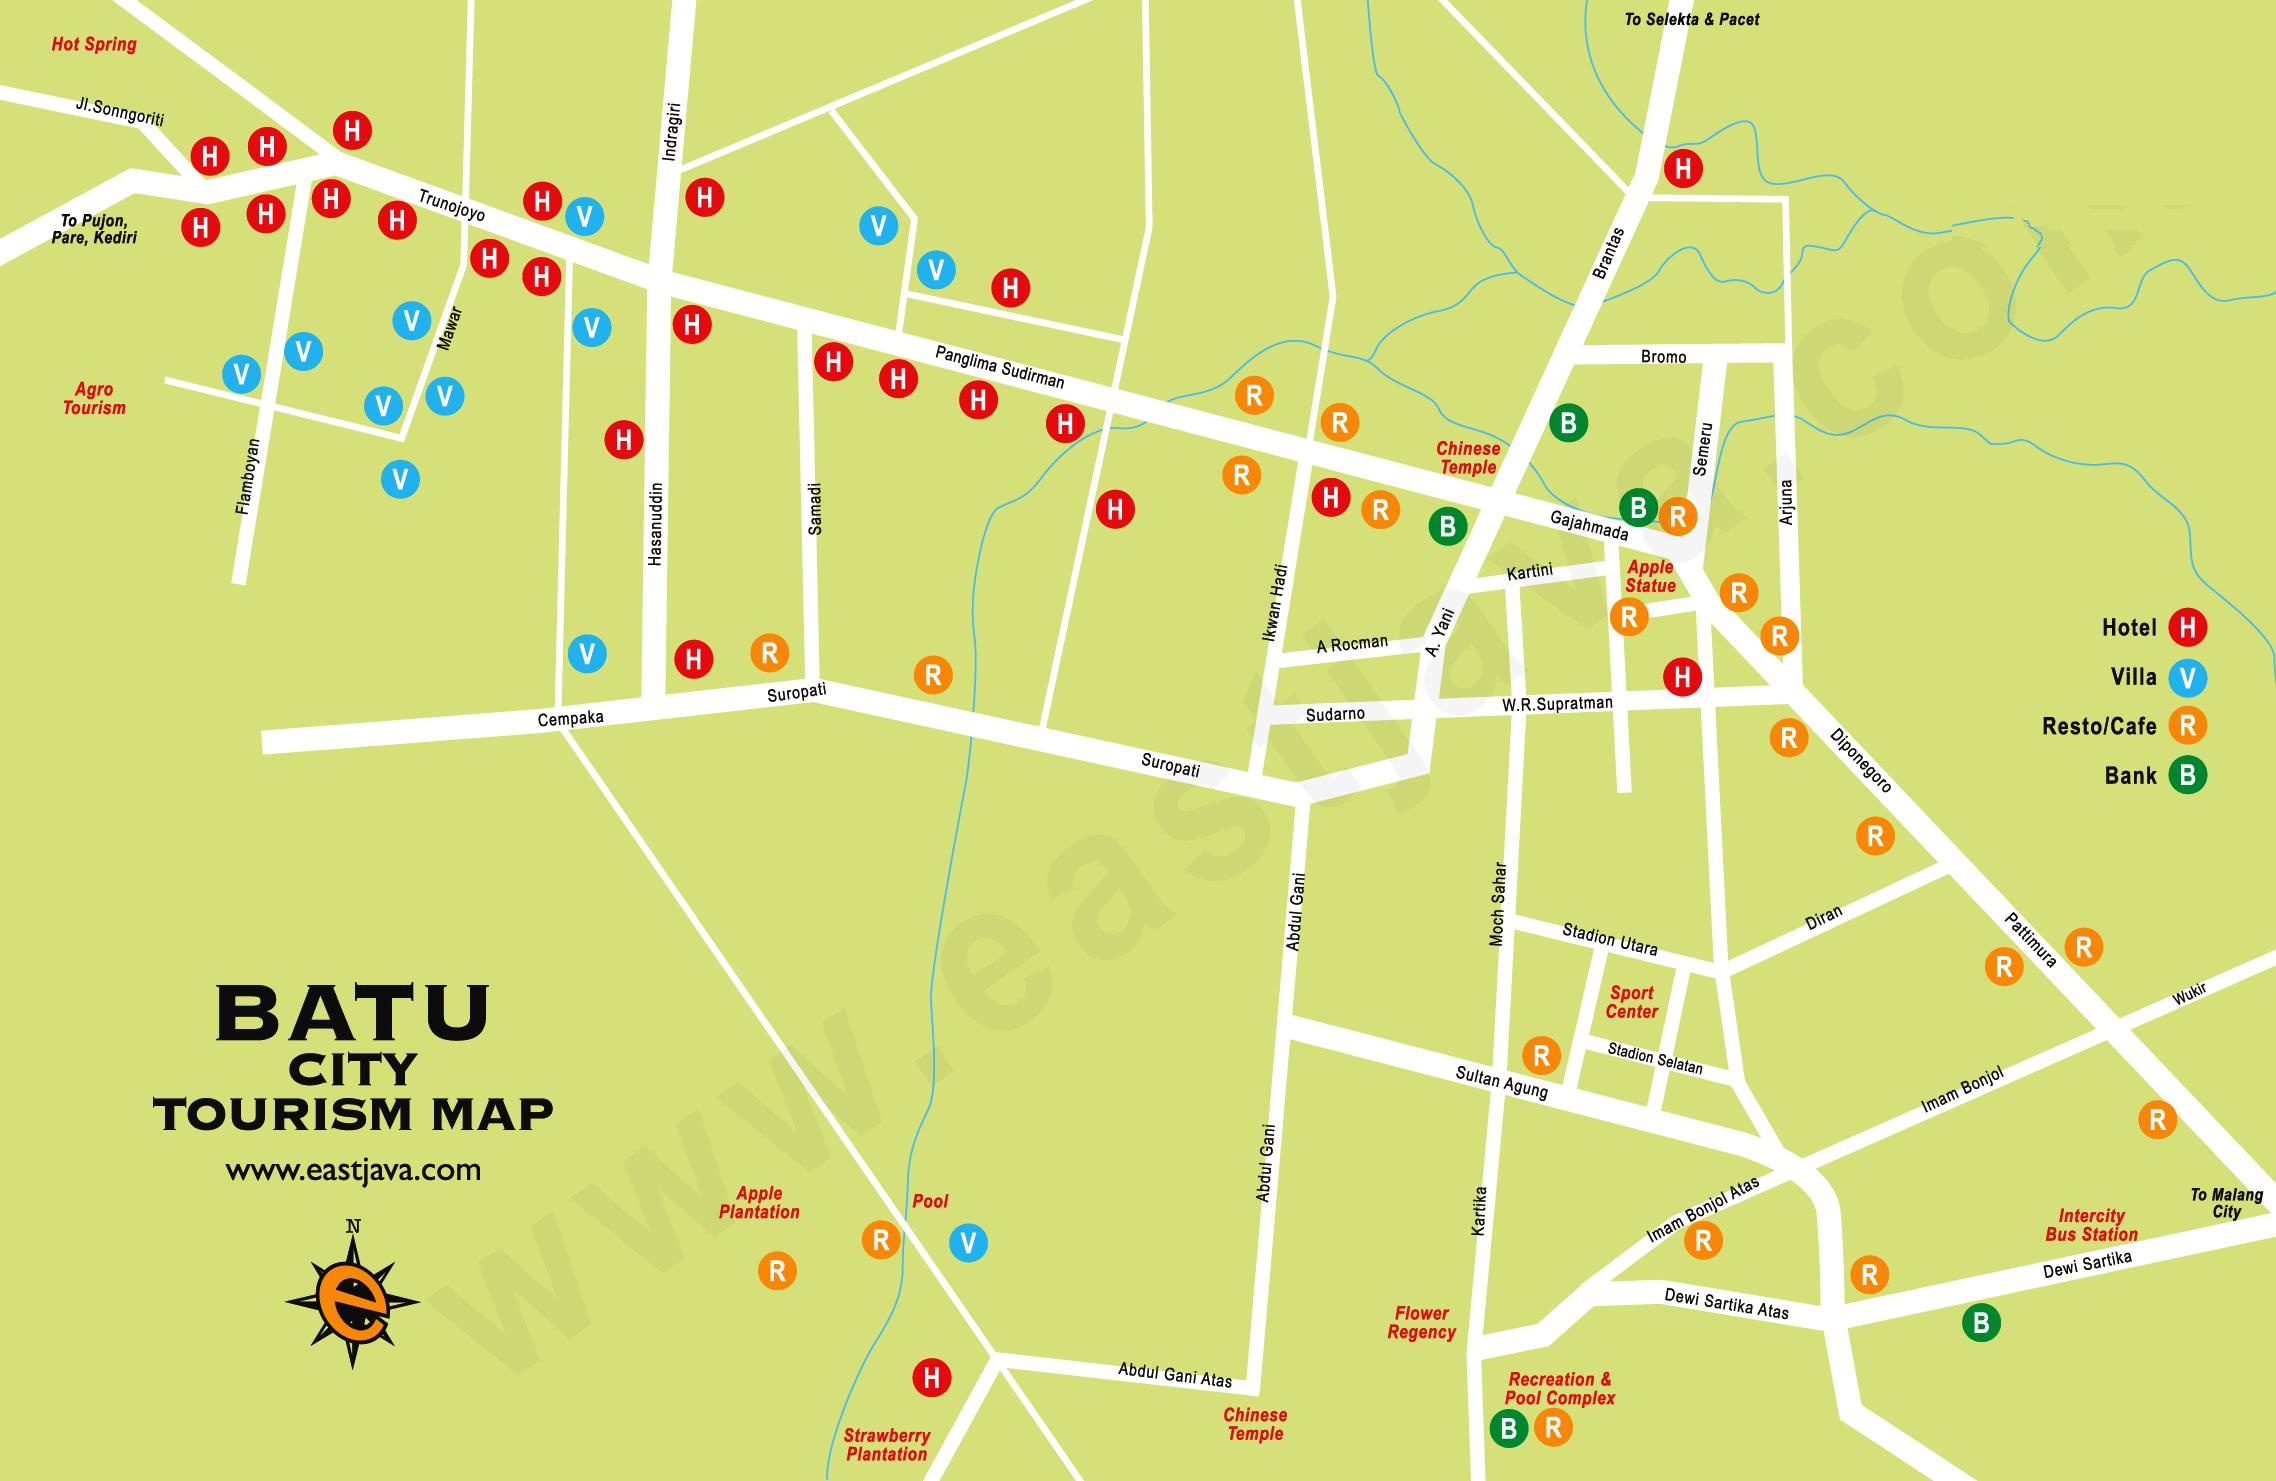 Peta Kota Batu Wisata Jawa Timur Google Map Songgoriti